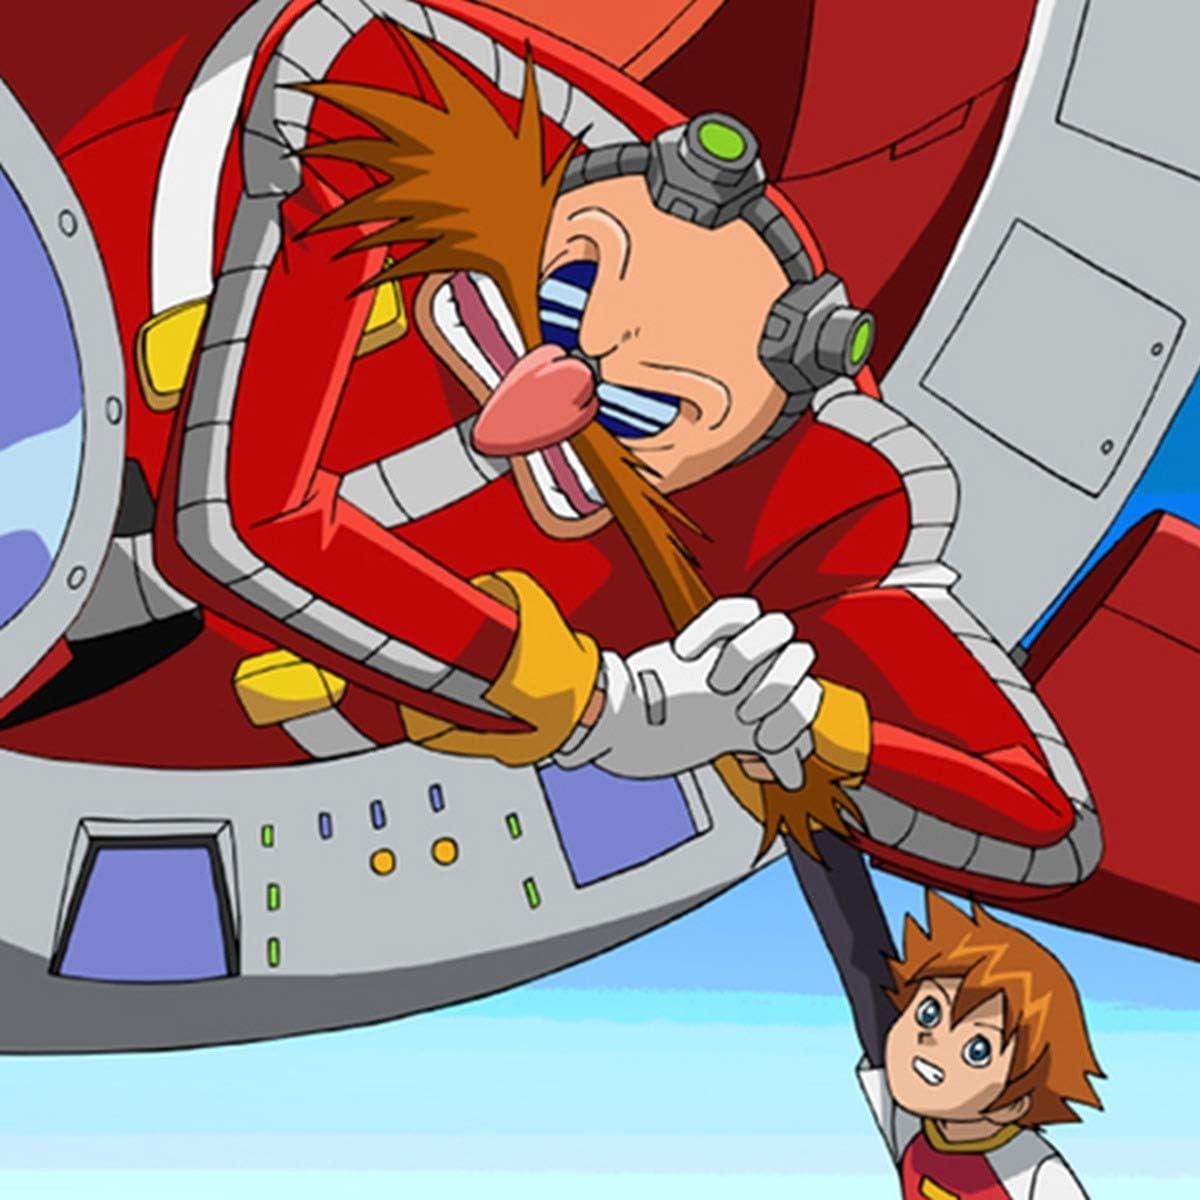 ソニック ザ ヘッジホッグ Sonic The Hedgehog Ipad壁紙 Dr